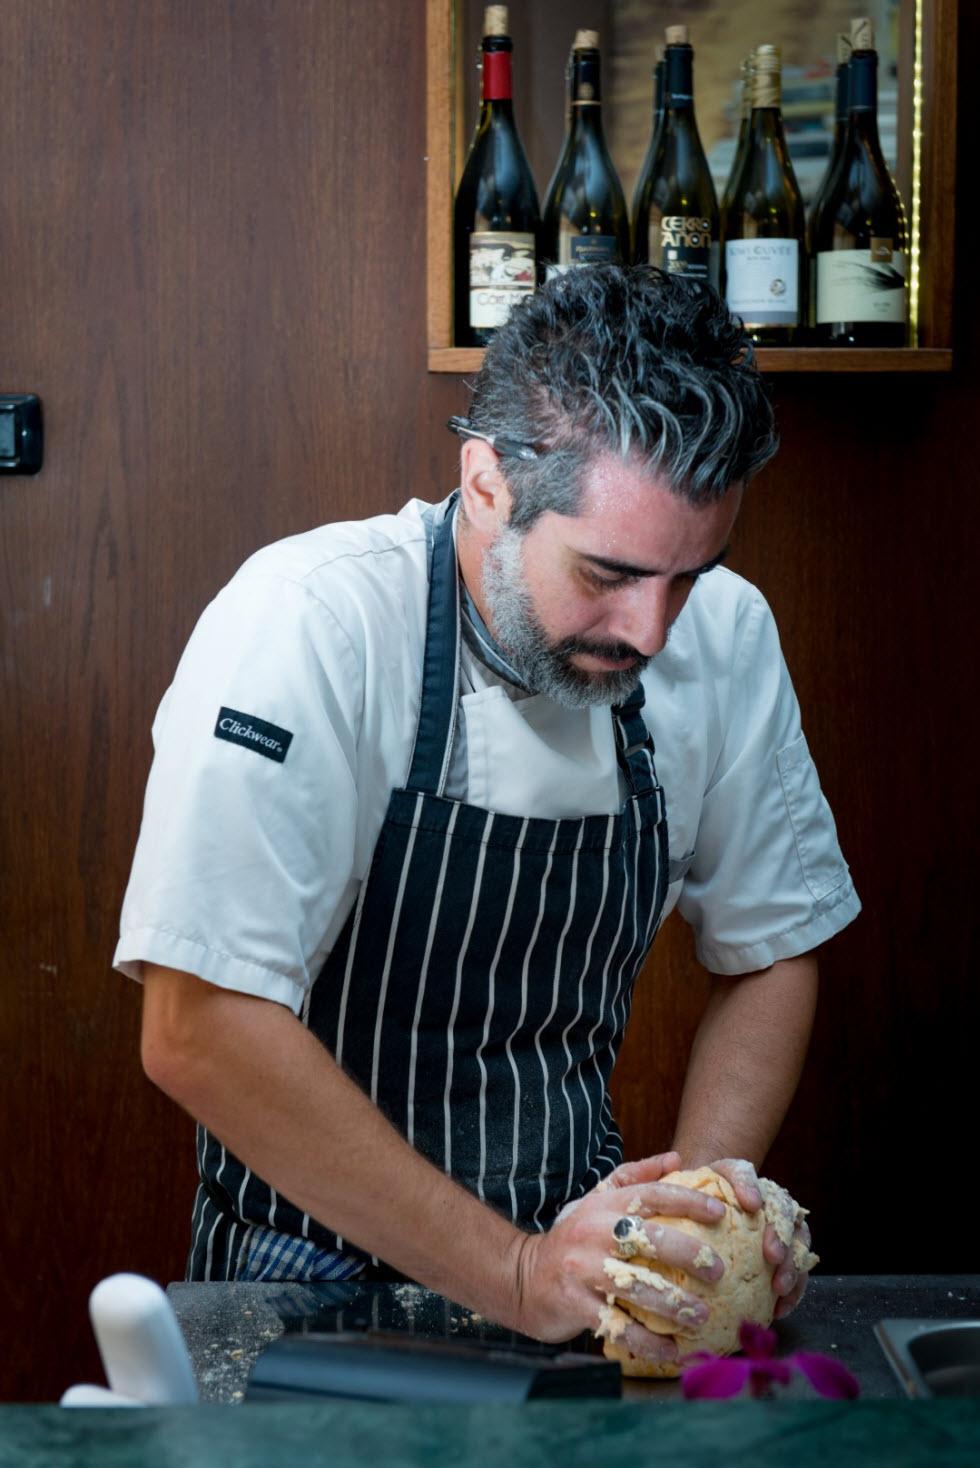 השף יובל פכלר מכין פיצ'י (צילום: ירון ברנר) (צילום: ירון ברנר)